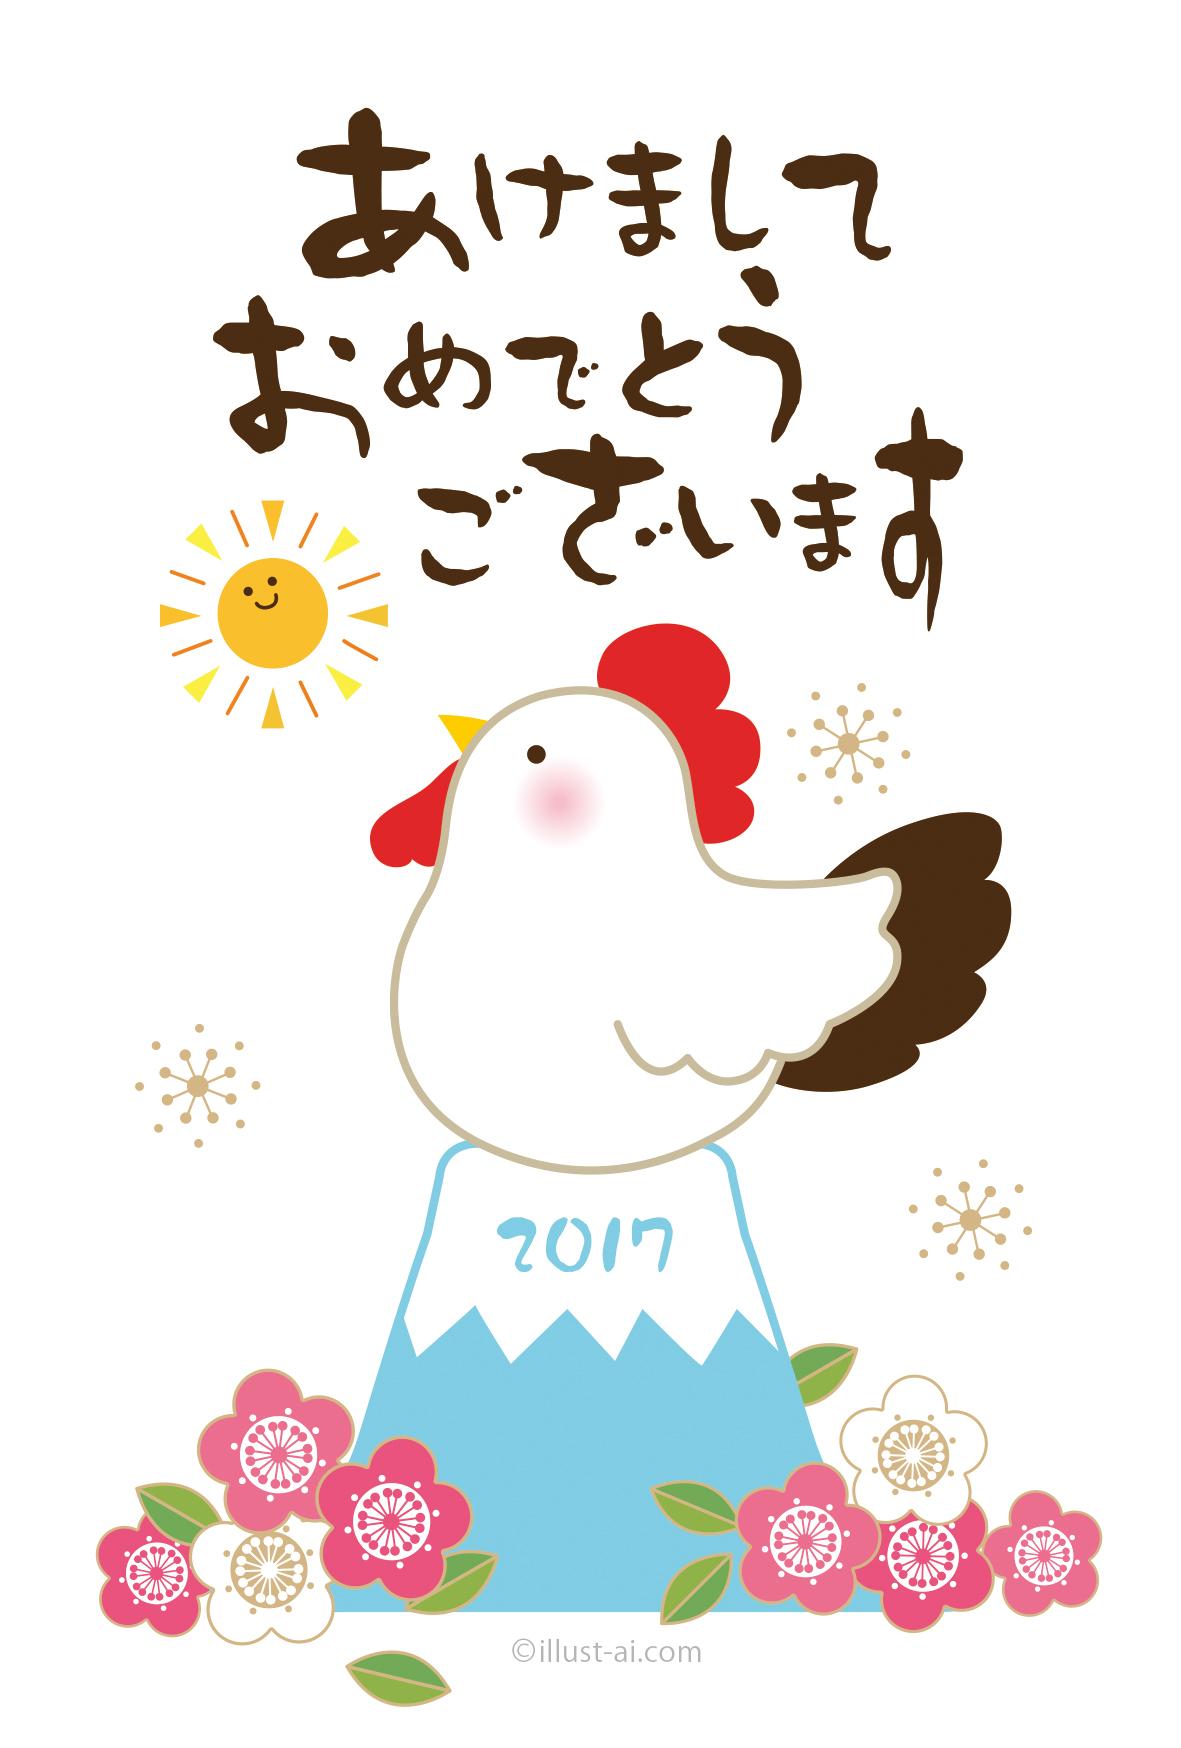 年賀状 亥年 トリと富士山のほっこり可愛いイラスト 年賀状17無料イラスト素材集